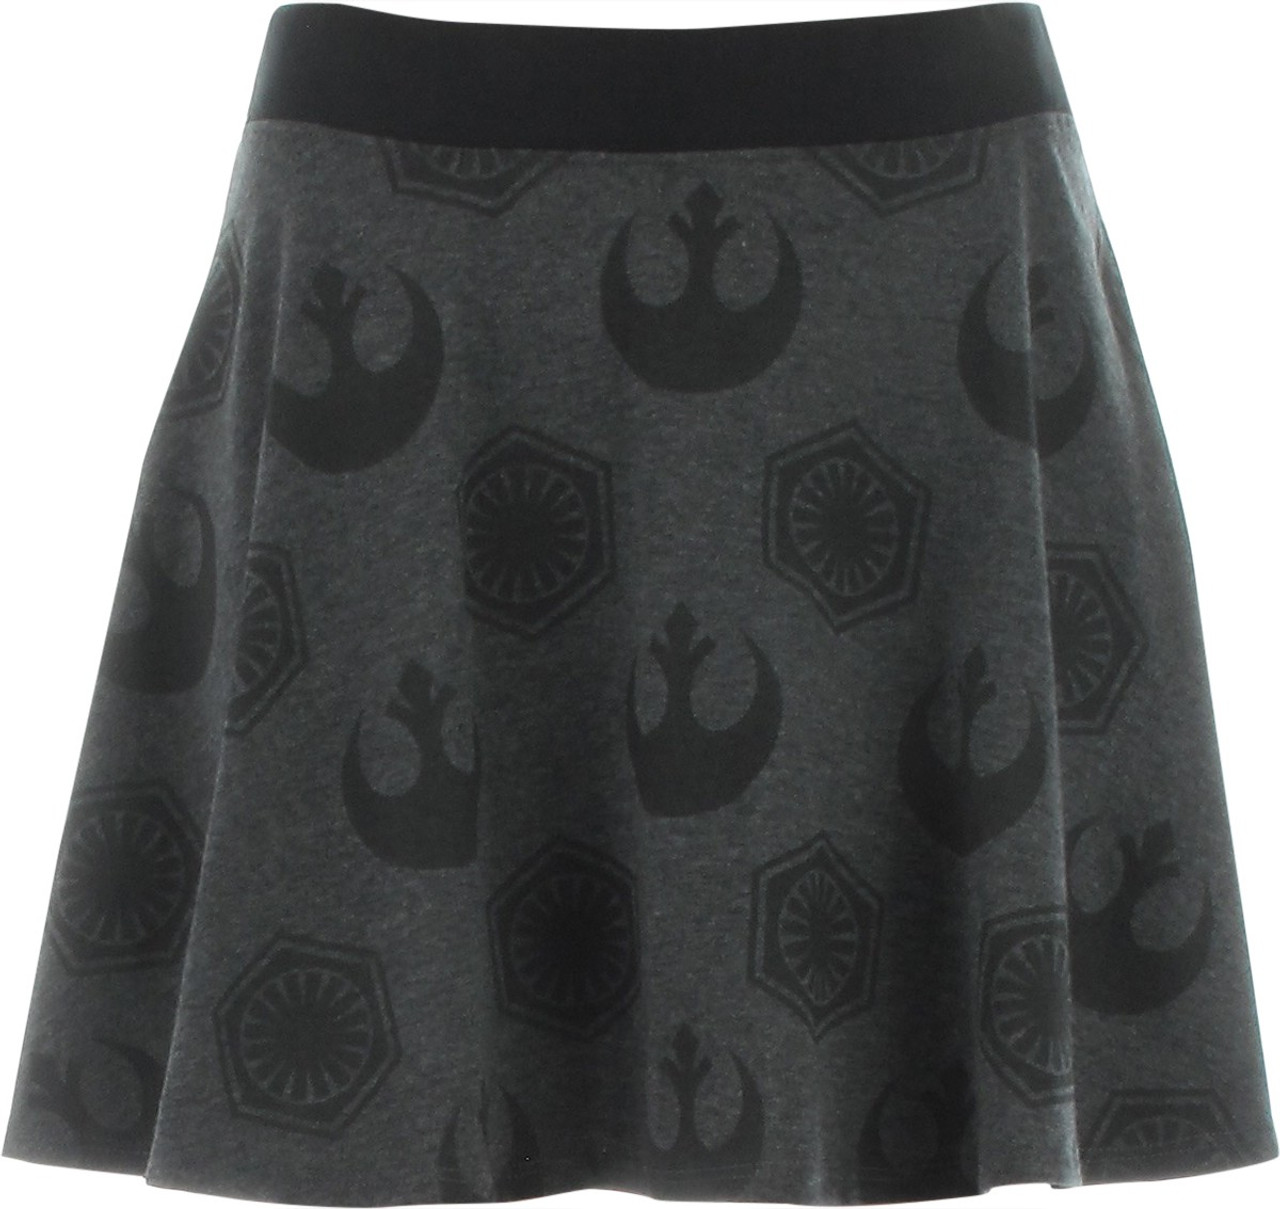 Star Wars Inspired Black and White Skater Skirt